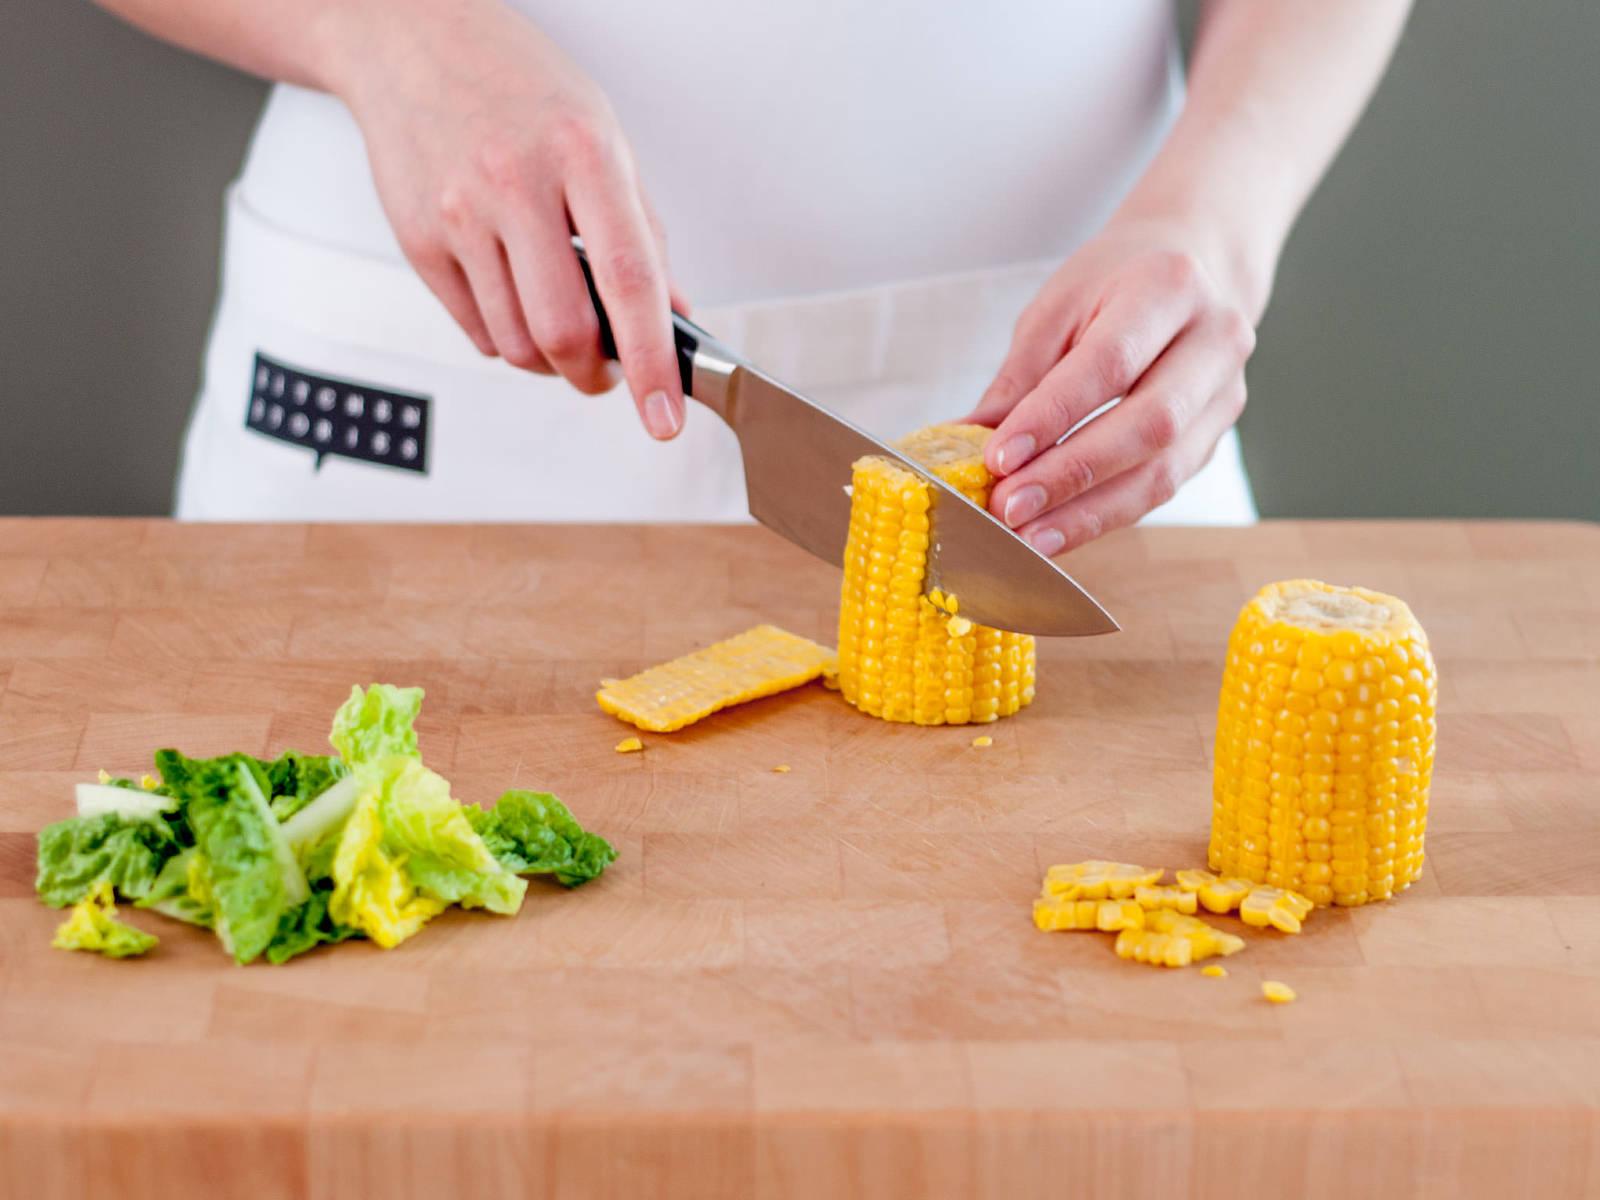 将西芹与香葱切碎,香菜粗略切碎,生菜切成易入口的小段,切下玉米粒。